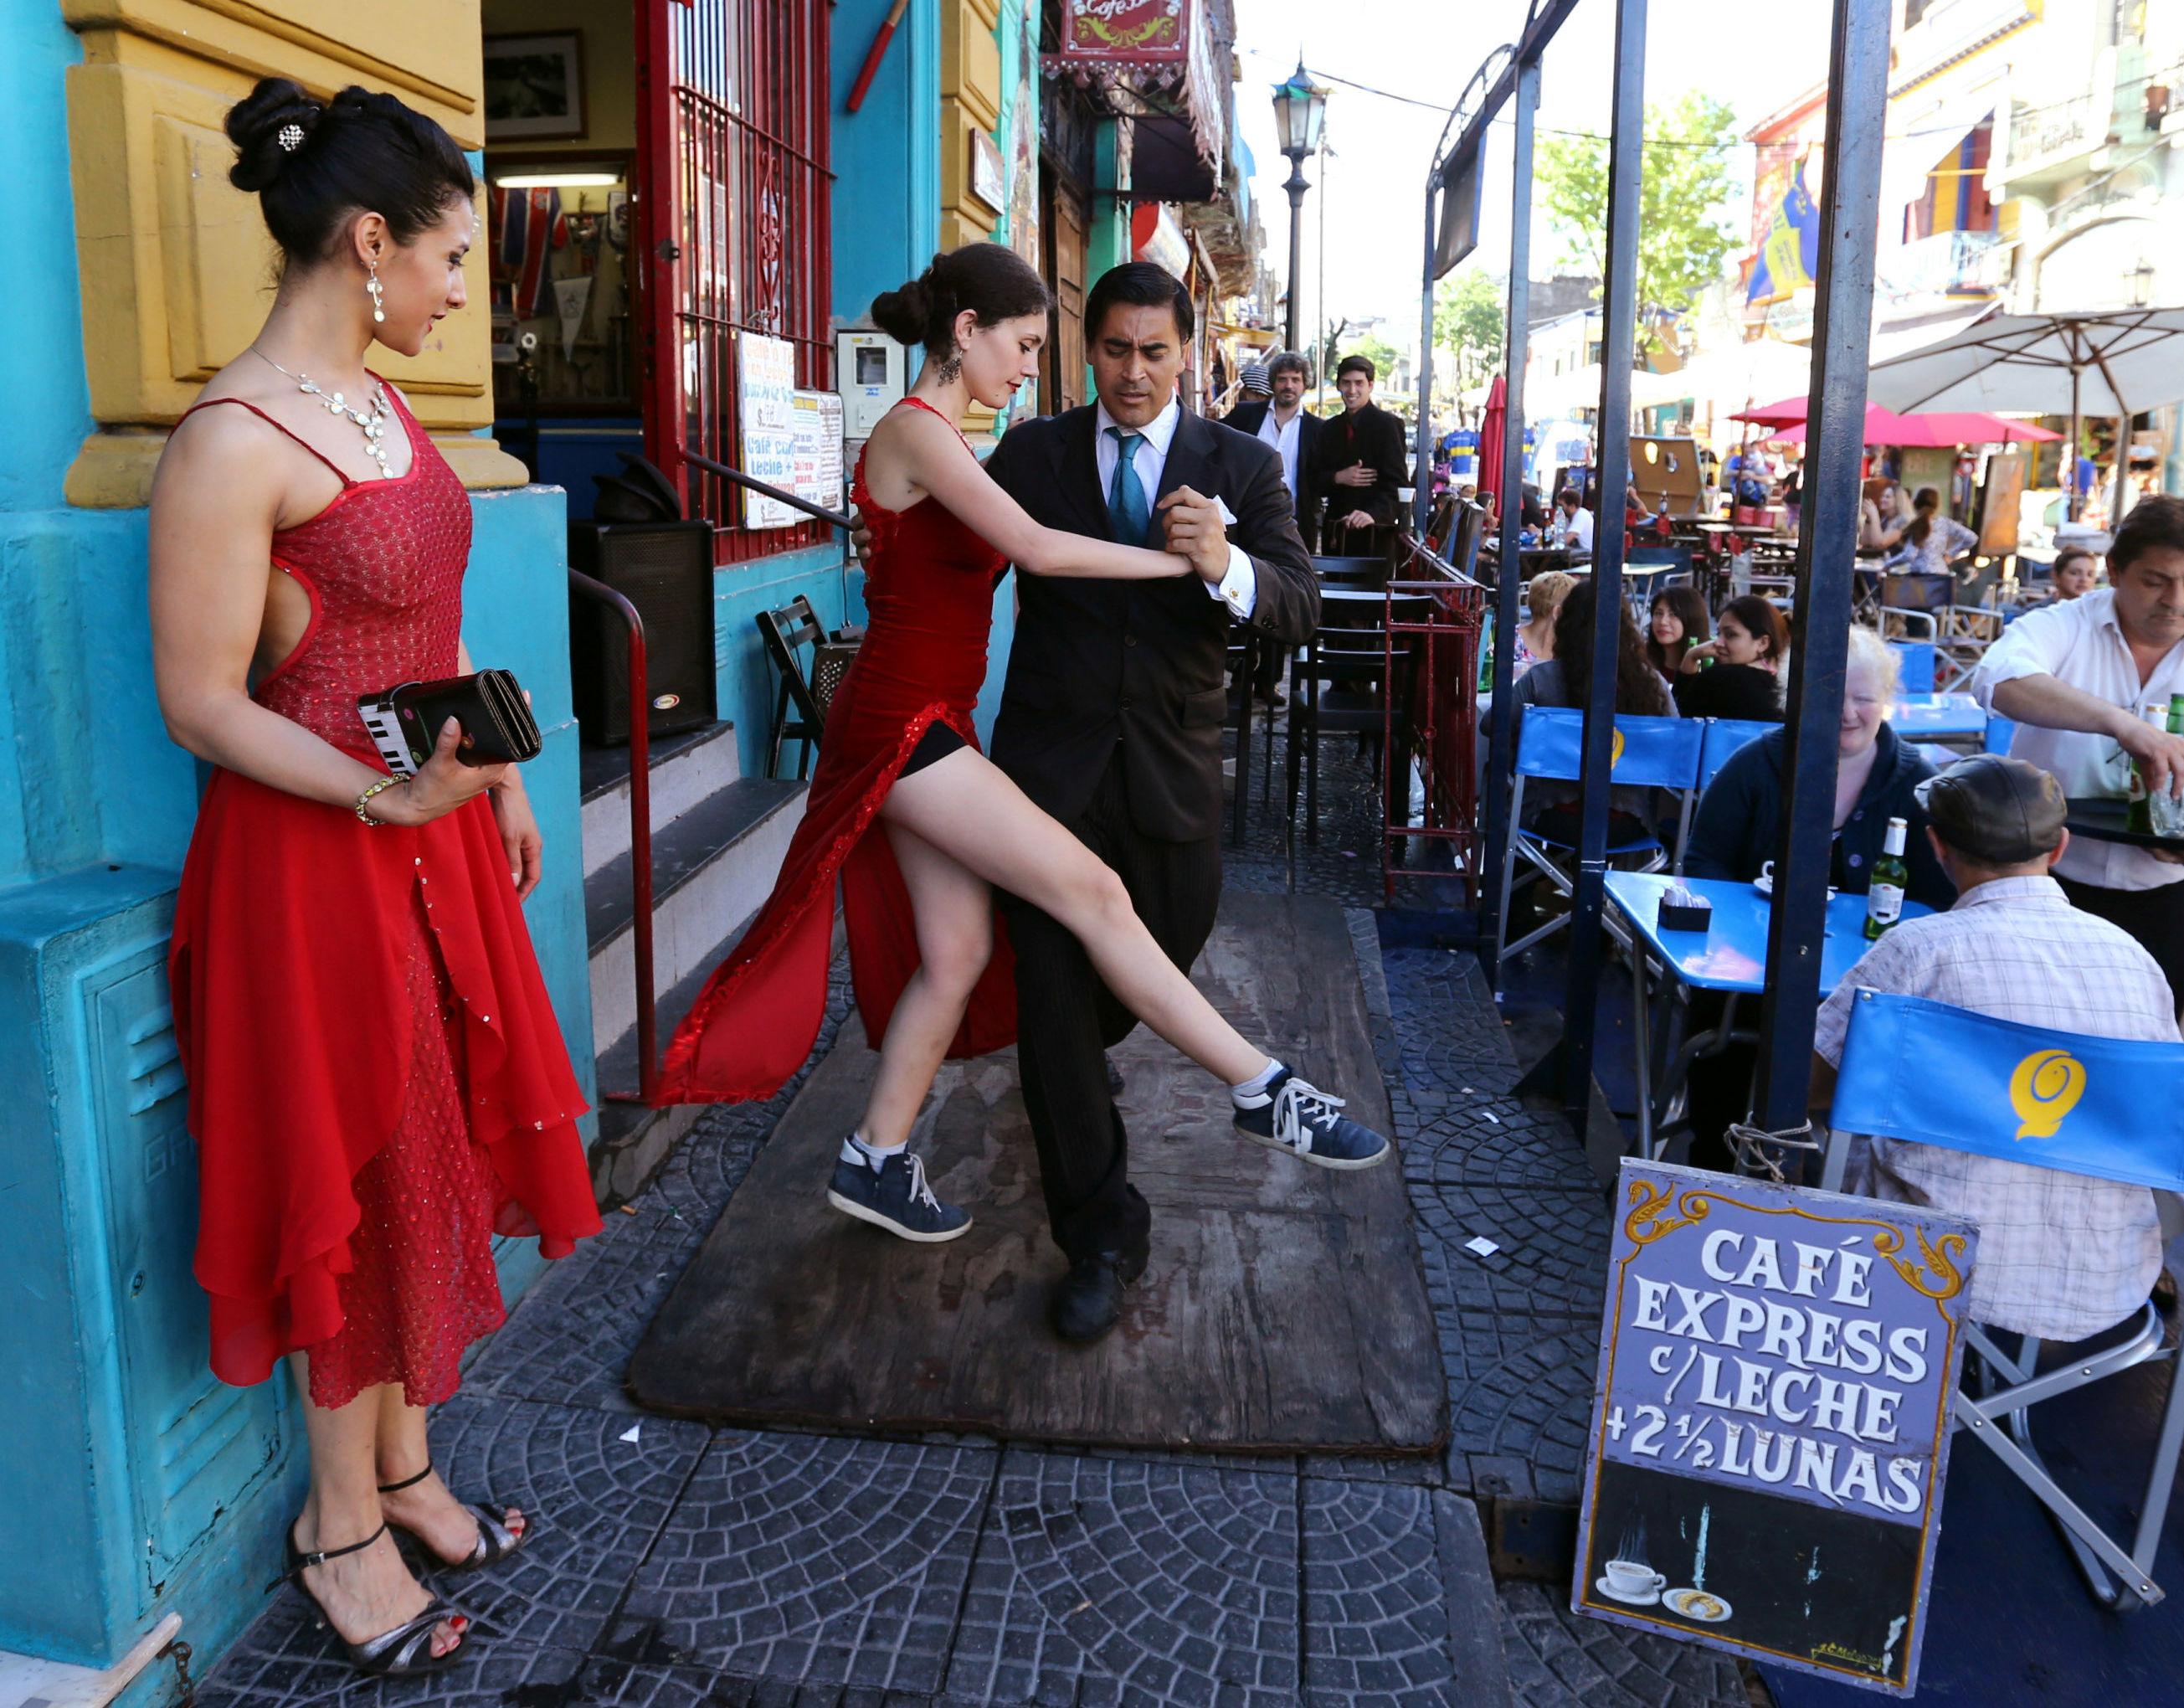 رقصة التانغو للسياح في شوارع بوينس آيرس، الأرجنتين